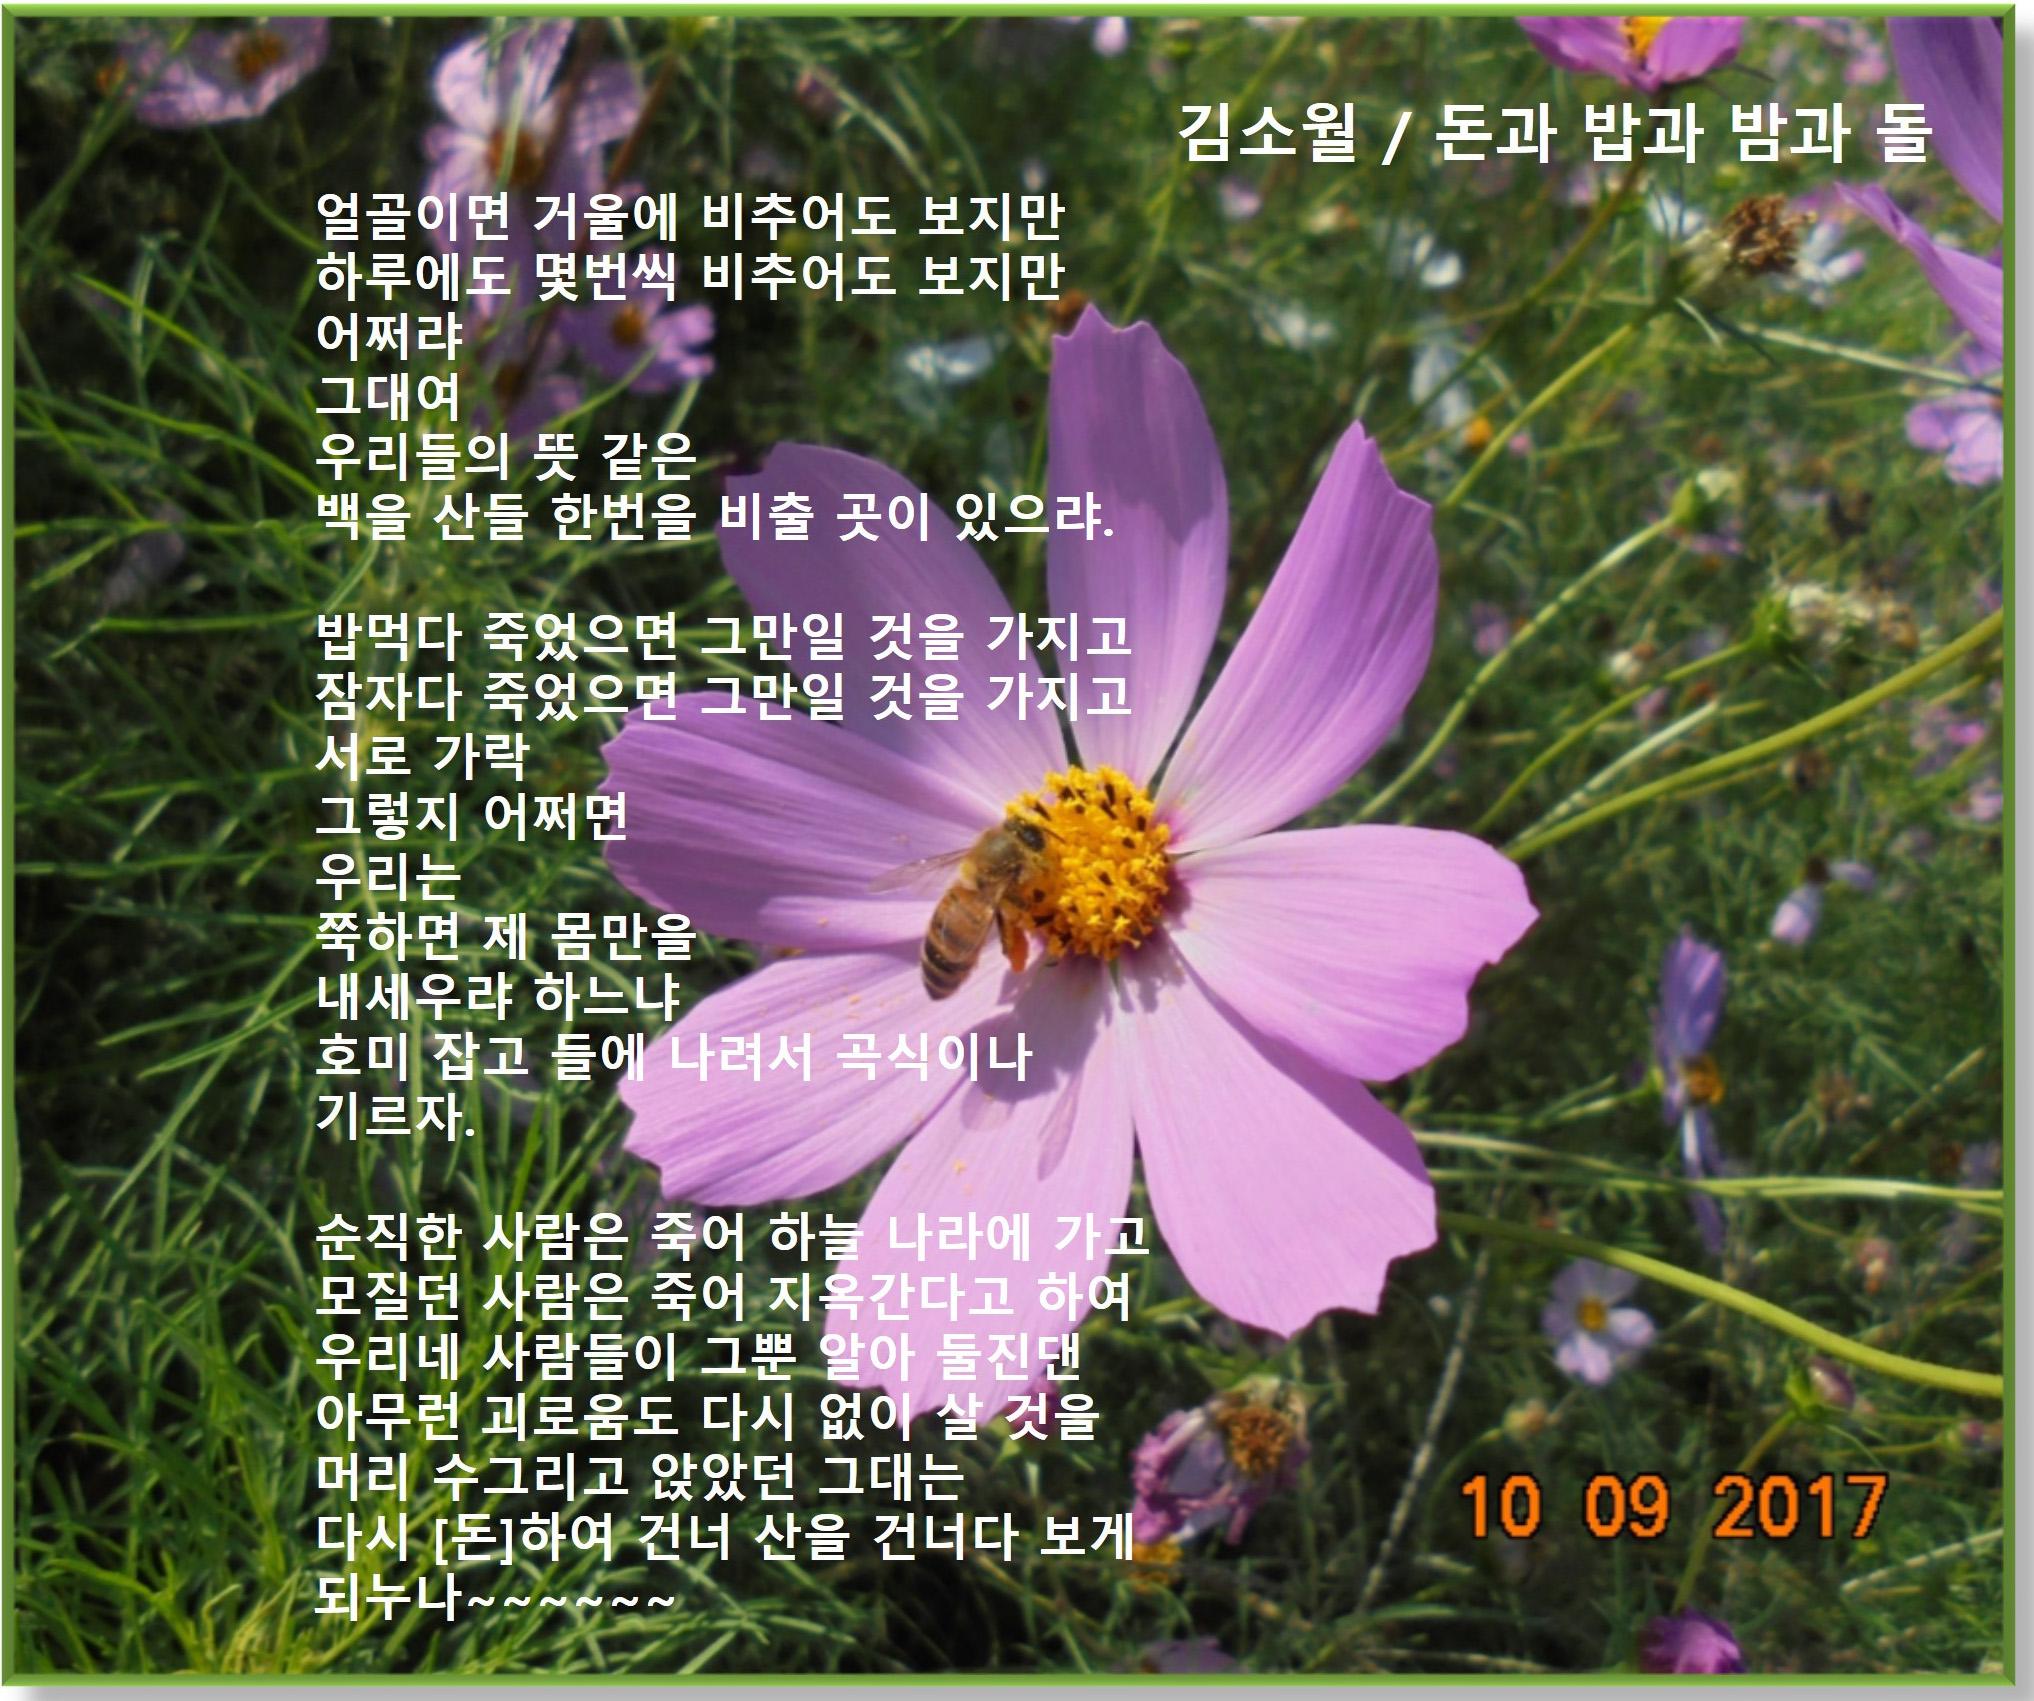 이 글은 파워포인트에서 만든 이미지입니다 돈과 밥과 밤과 돌 / 김소월